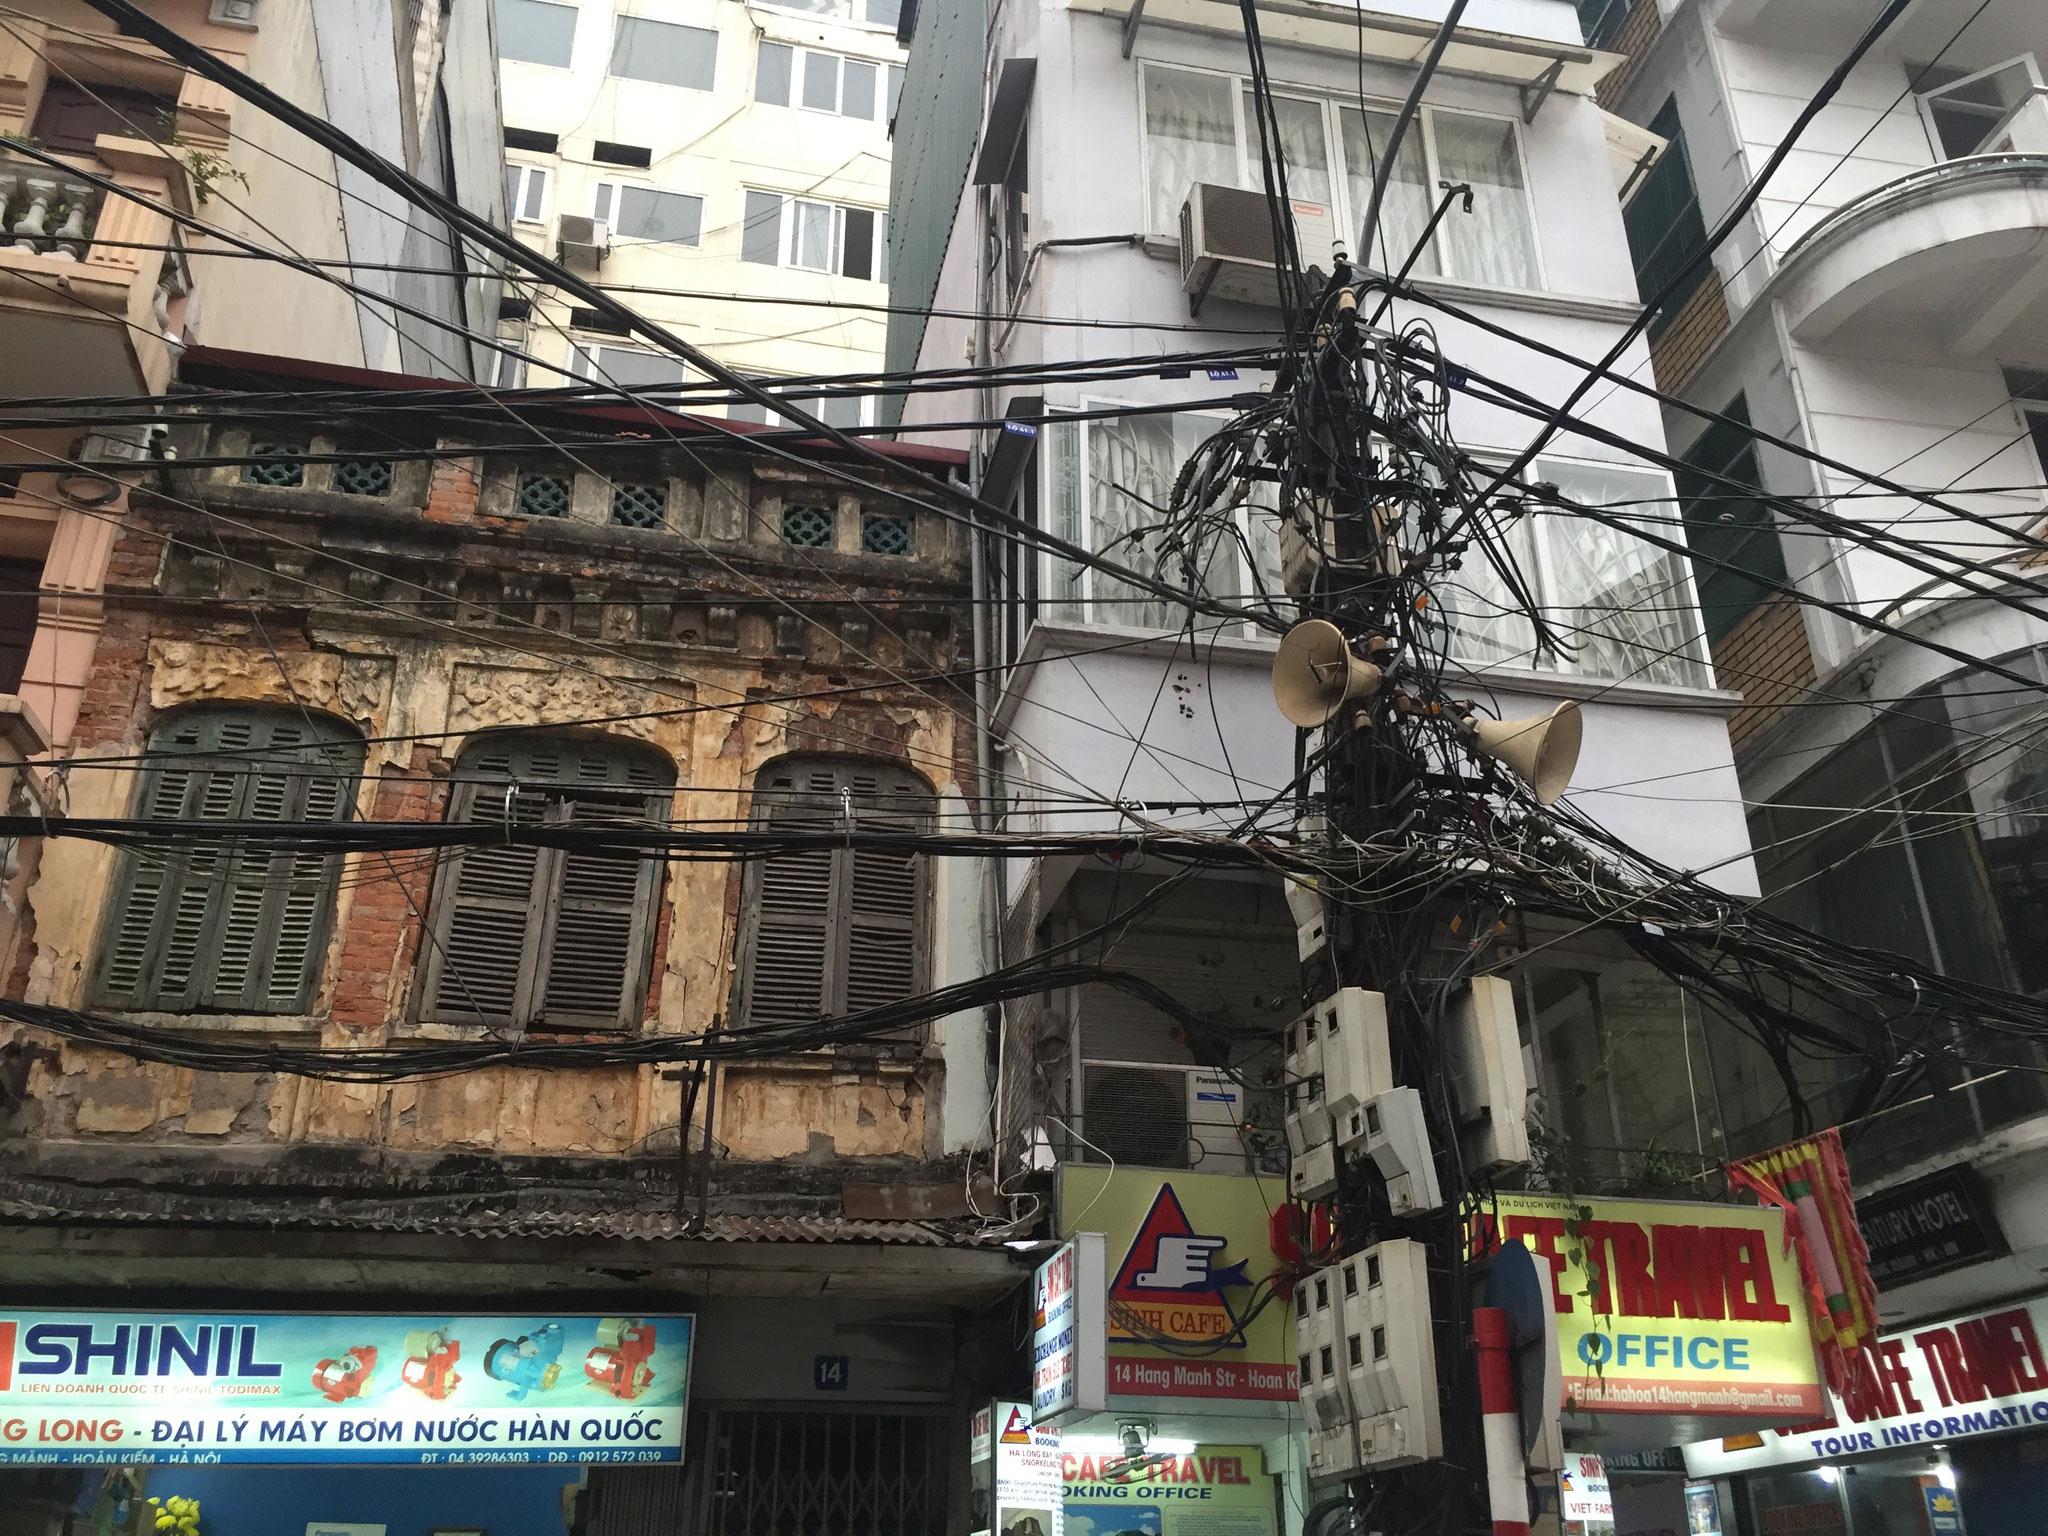 Tag 2 - Hanoi, die Stadt der strukturierten Verkabelungen und permanenten Radioberieselung